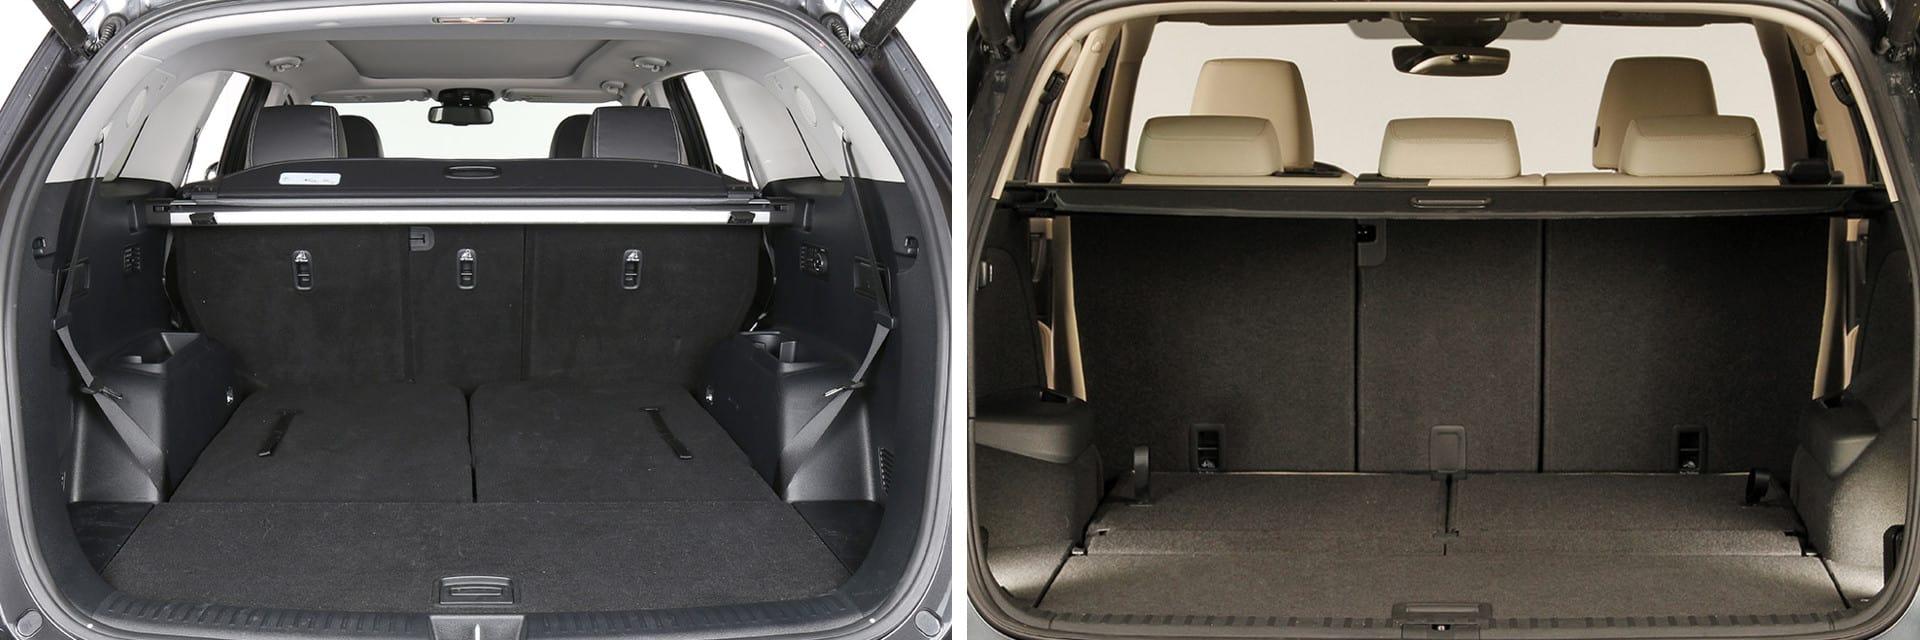 El maletero del Sorento tiene 605 litros, 142 con la tercera fila de asientos; el Kodiaq tiene 560 litros y 270, respectivamente.